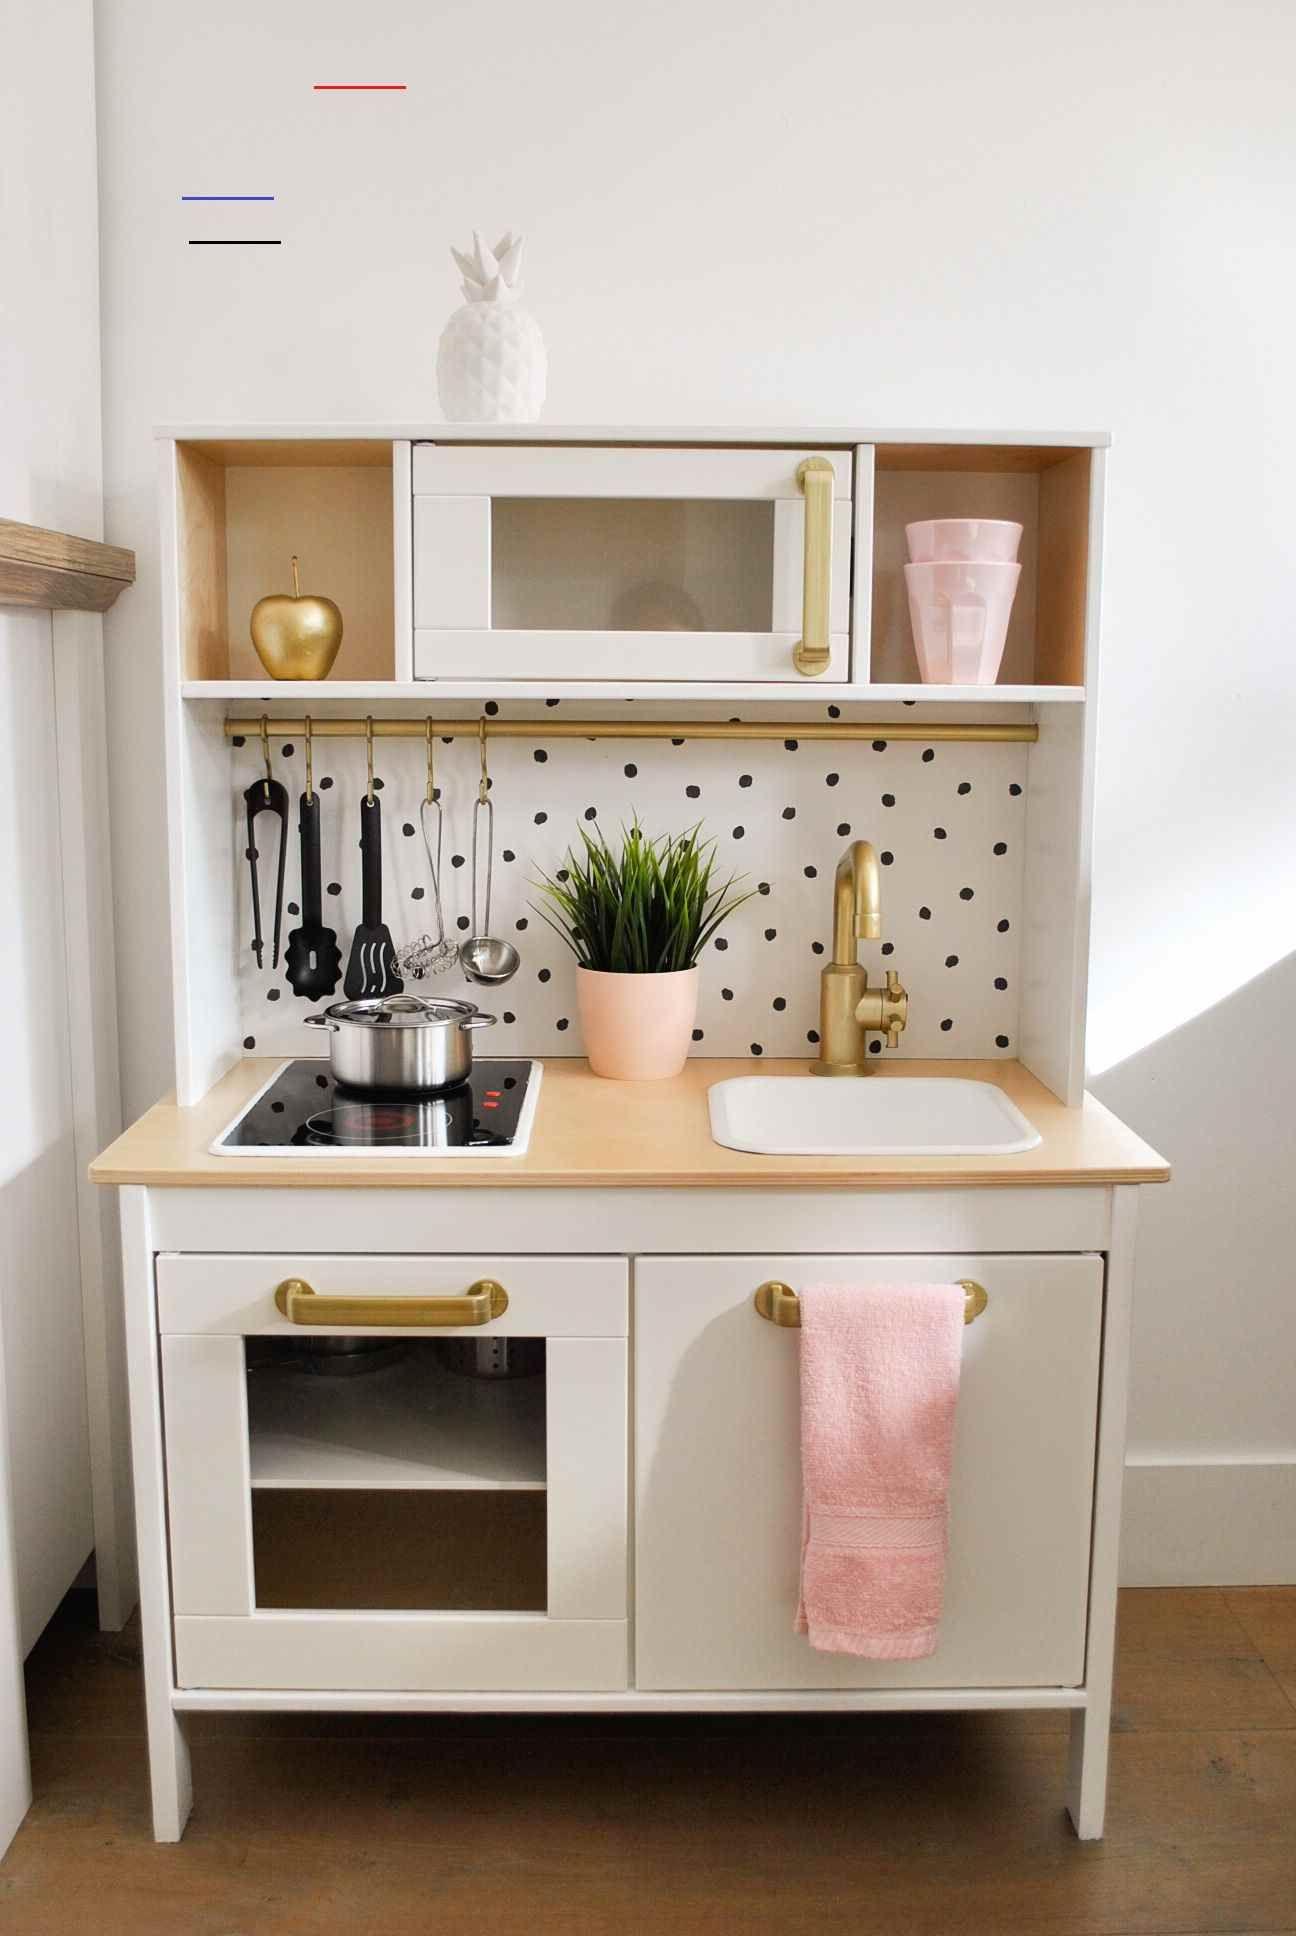 ikeakeuken in 2020 Ikea kids kitchen, Ikea play kitchen